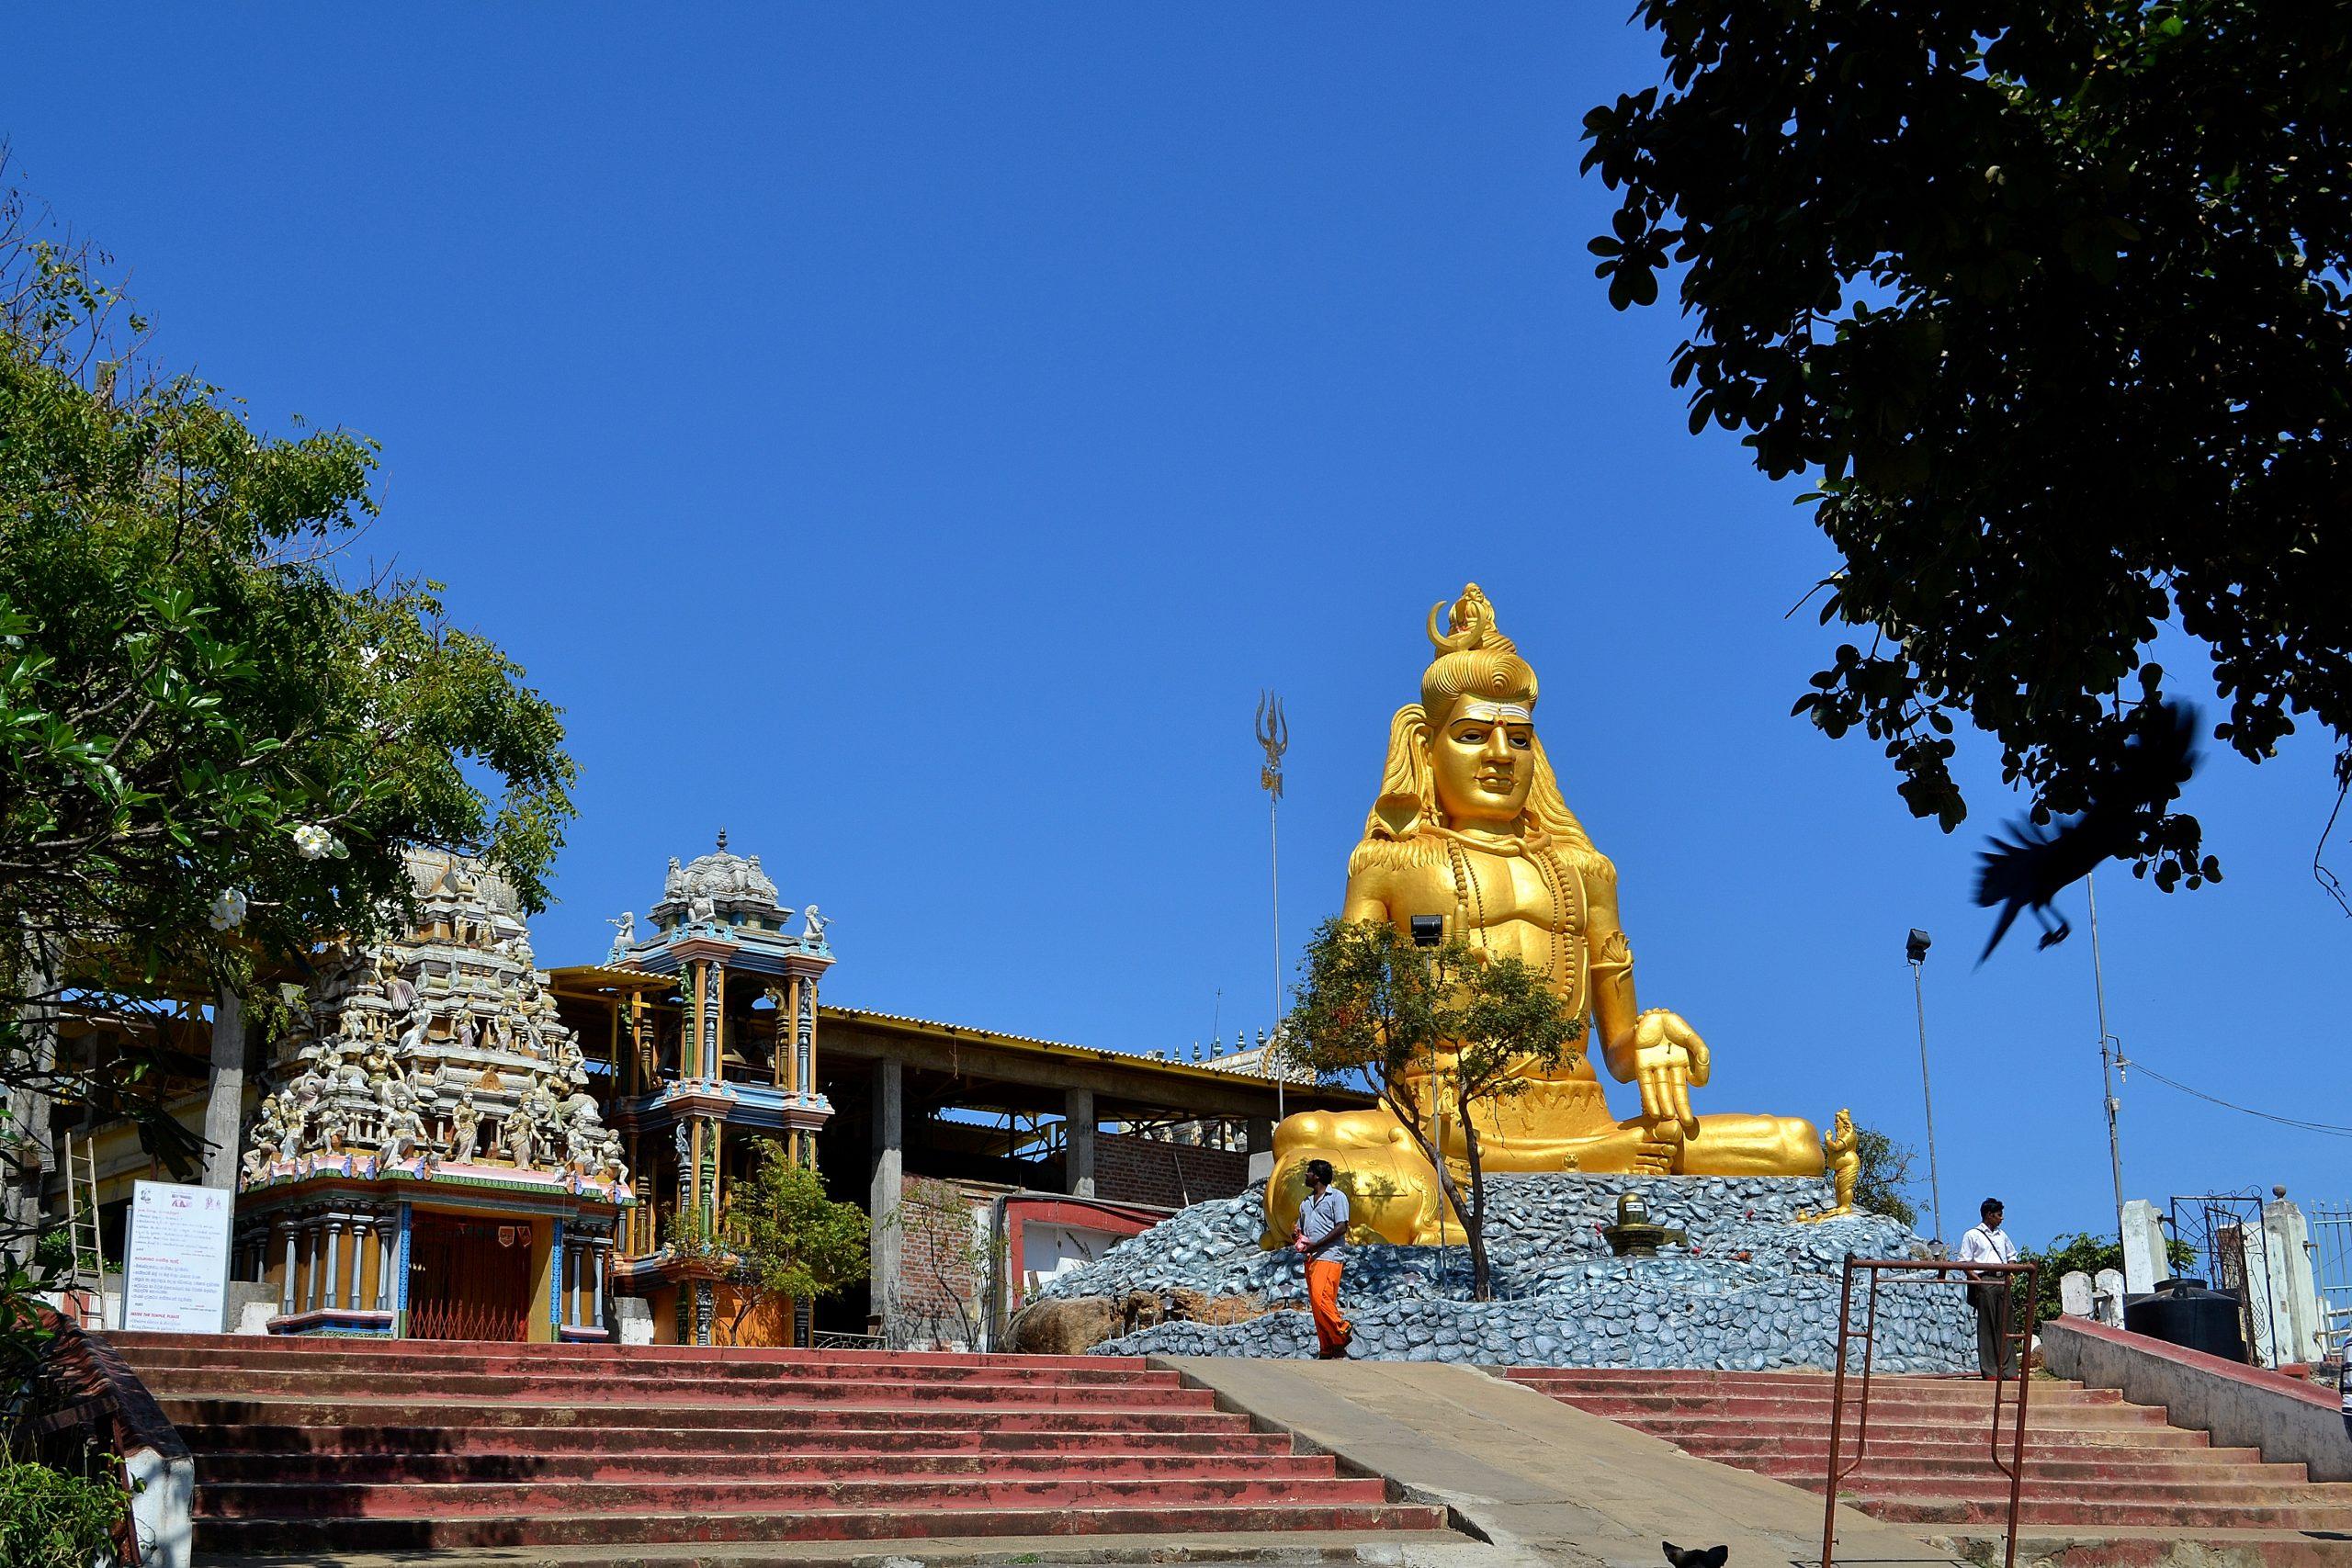 Thiru Koneswaram Temple at Trincomalee - Must-visit Place During Ramayana Tour in Sri Lanka